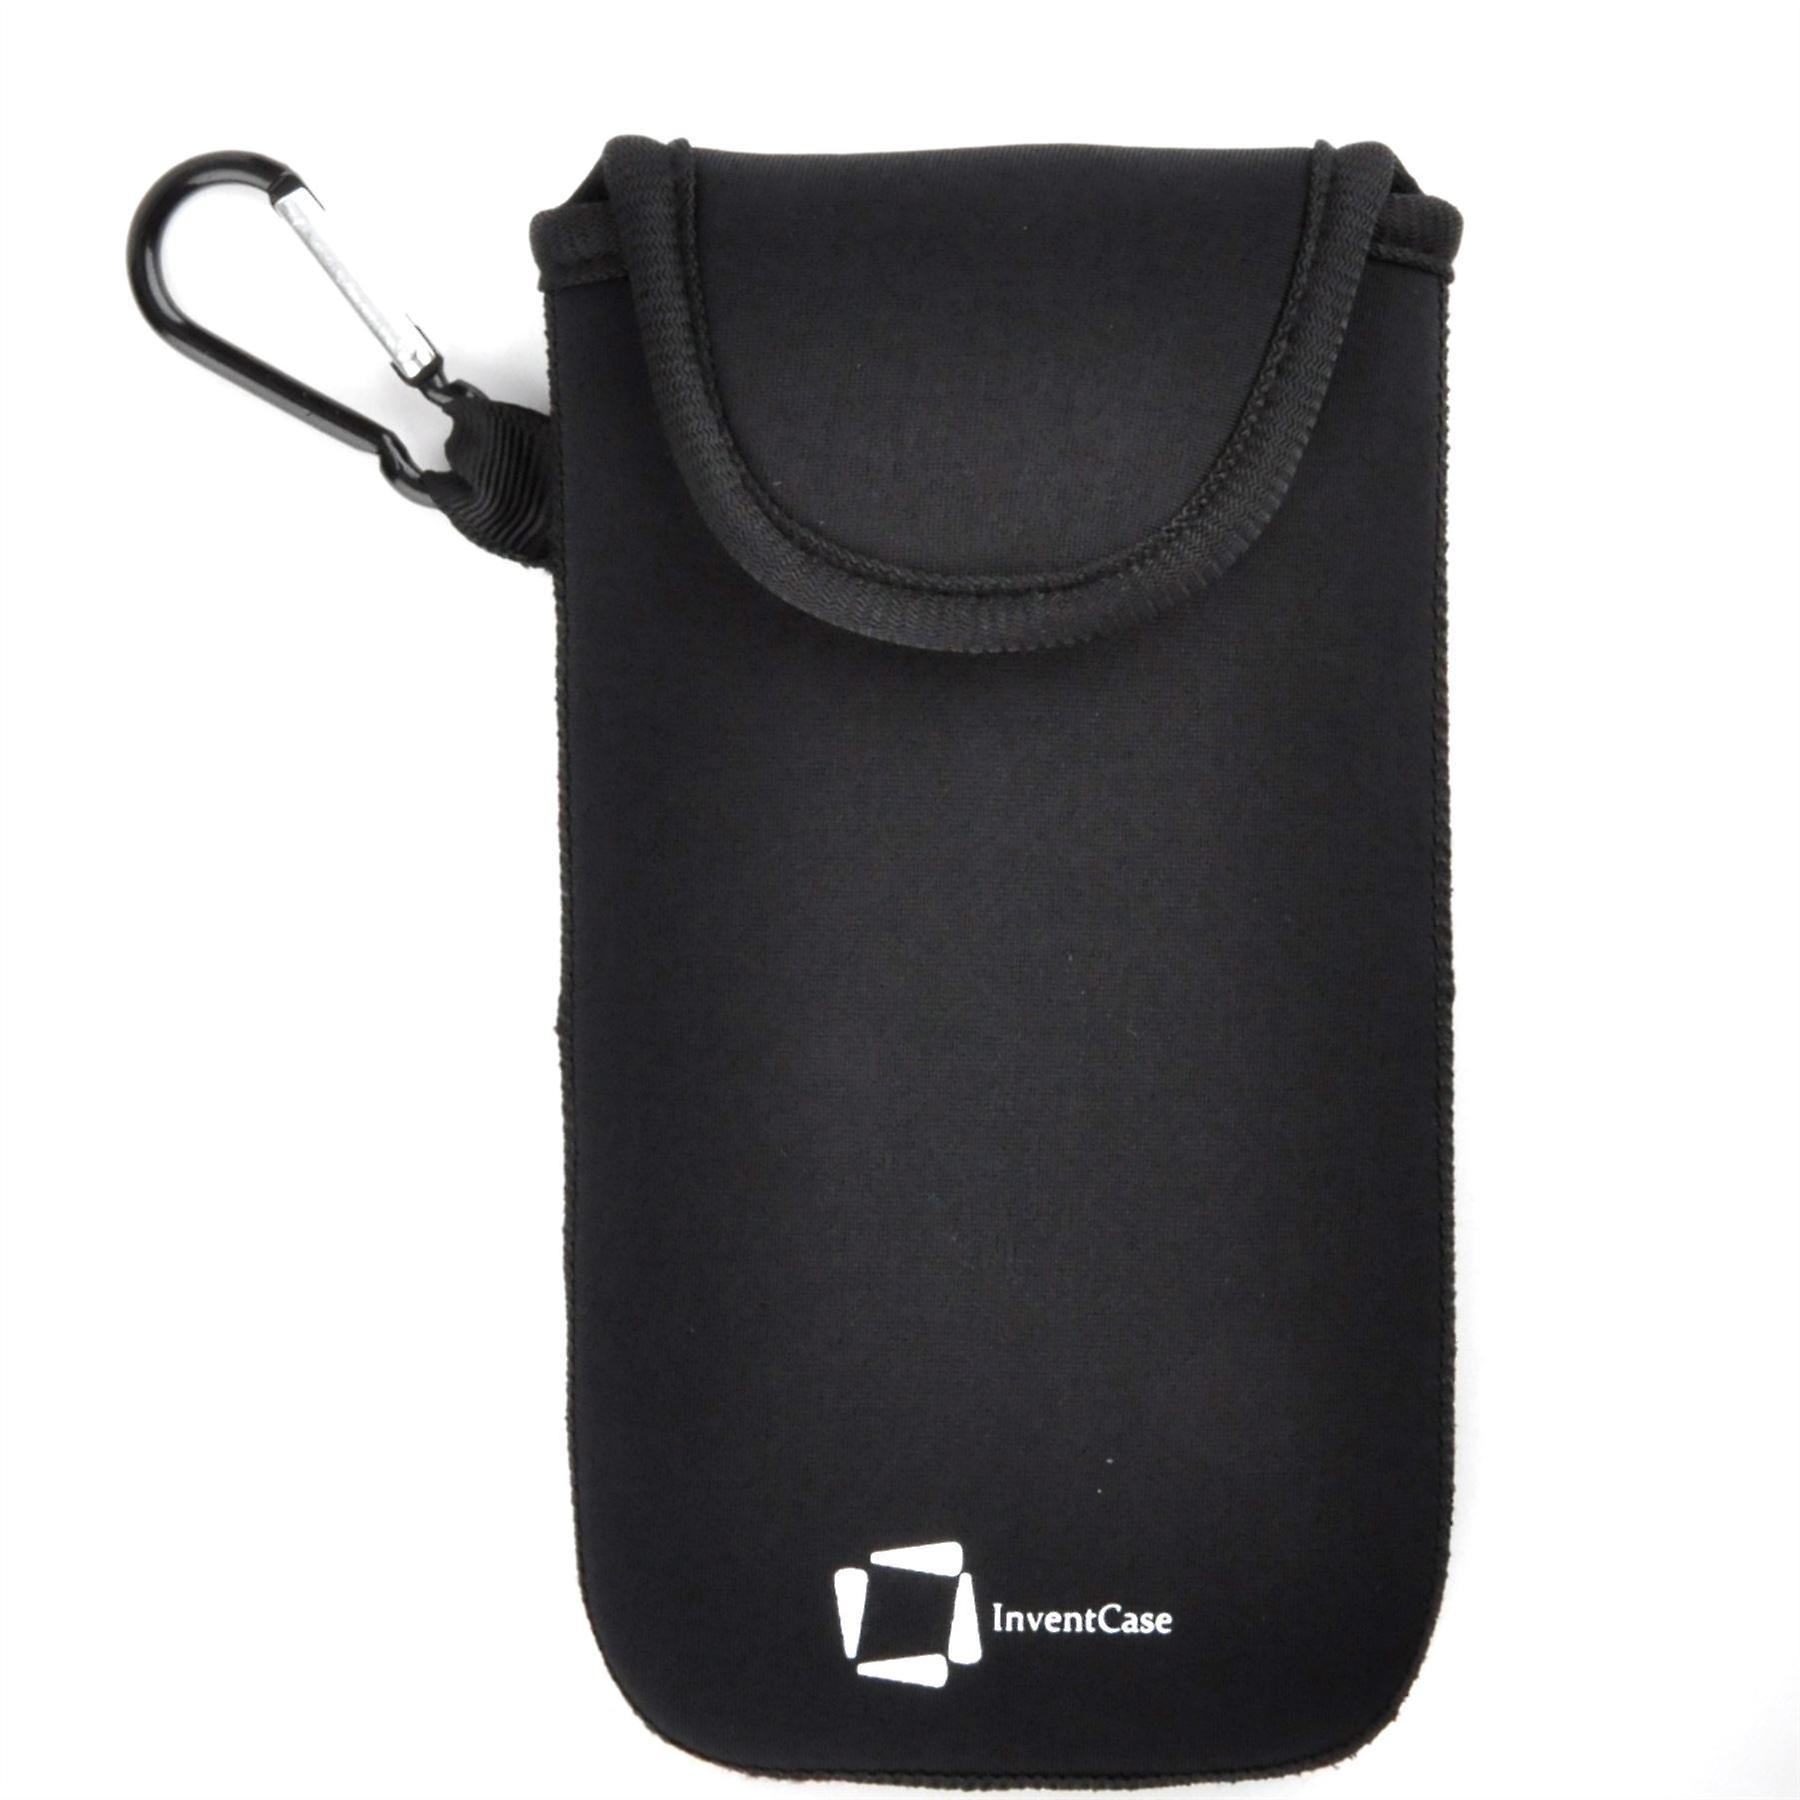 إينفينتكاسي النيوبرين أثر مقاومة الحمائية الحقيبة القضية تغطية حقيبة مع Velcro الإغلاق و Carabiner الألومنيوم ل S3 غالاكسي سامسونج ميني--الأسود